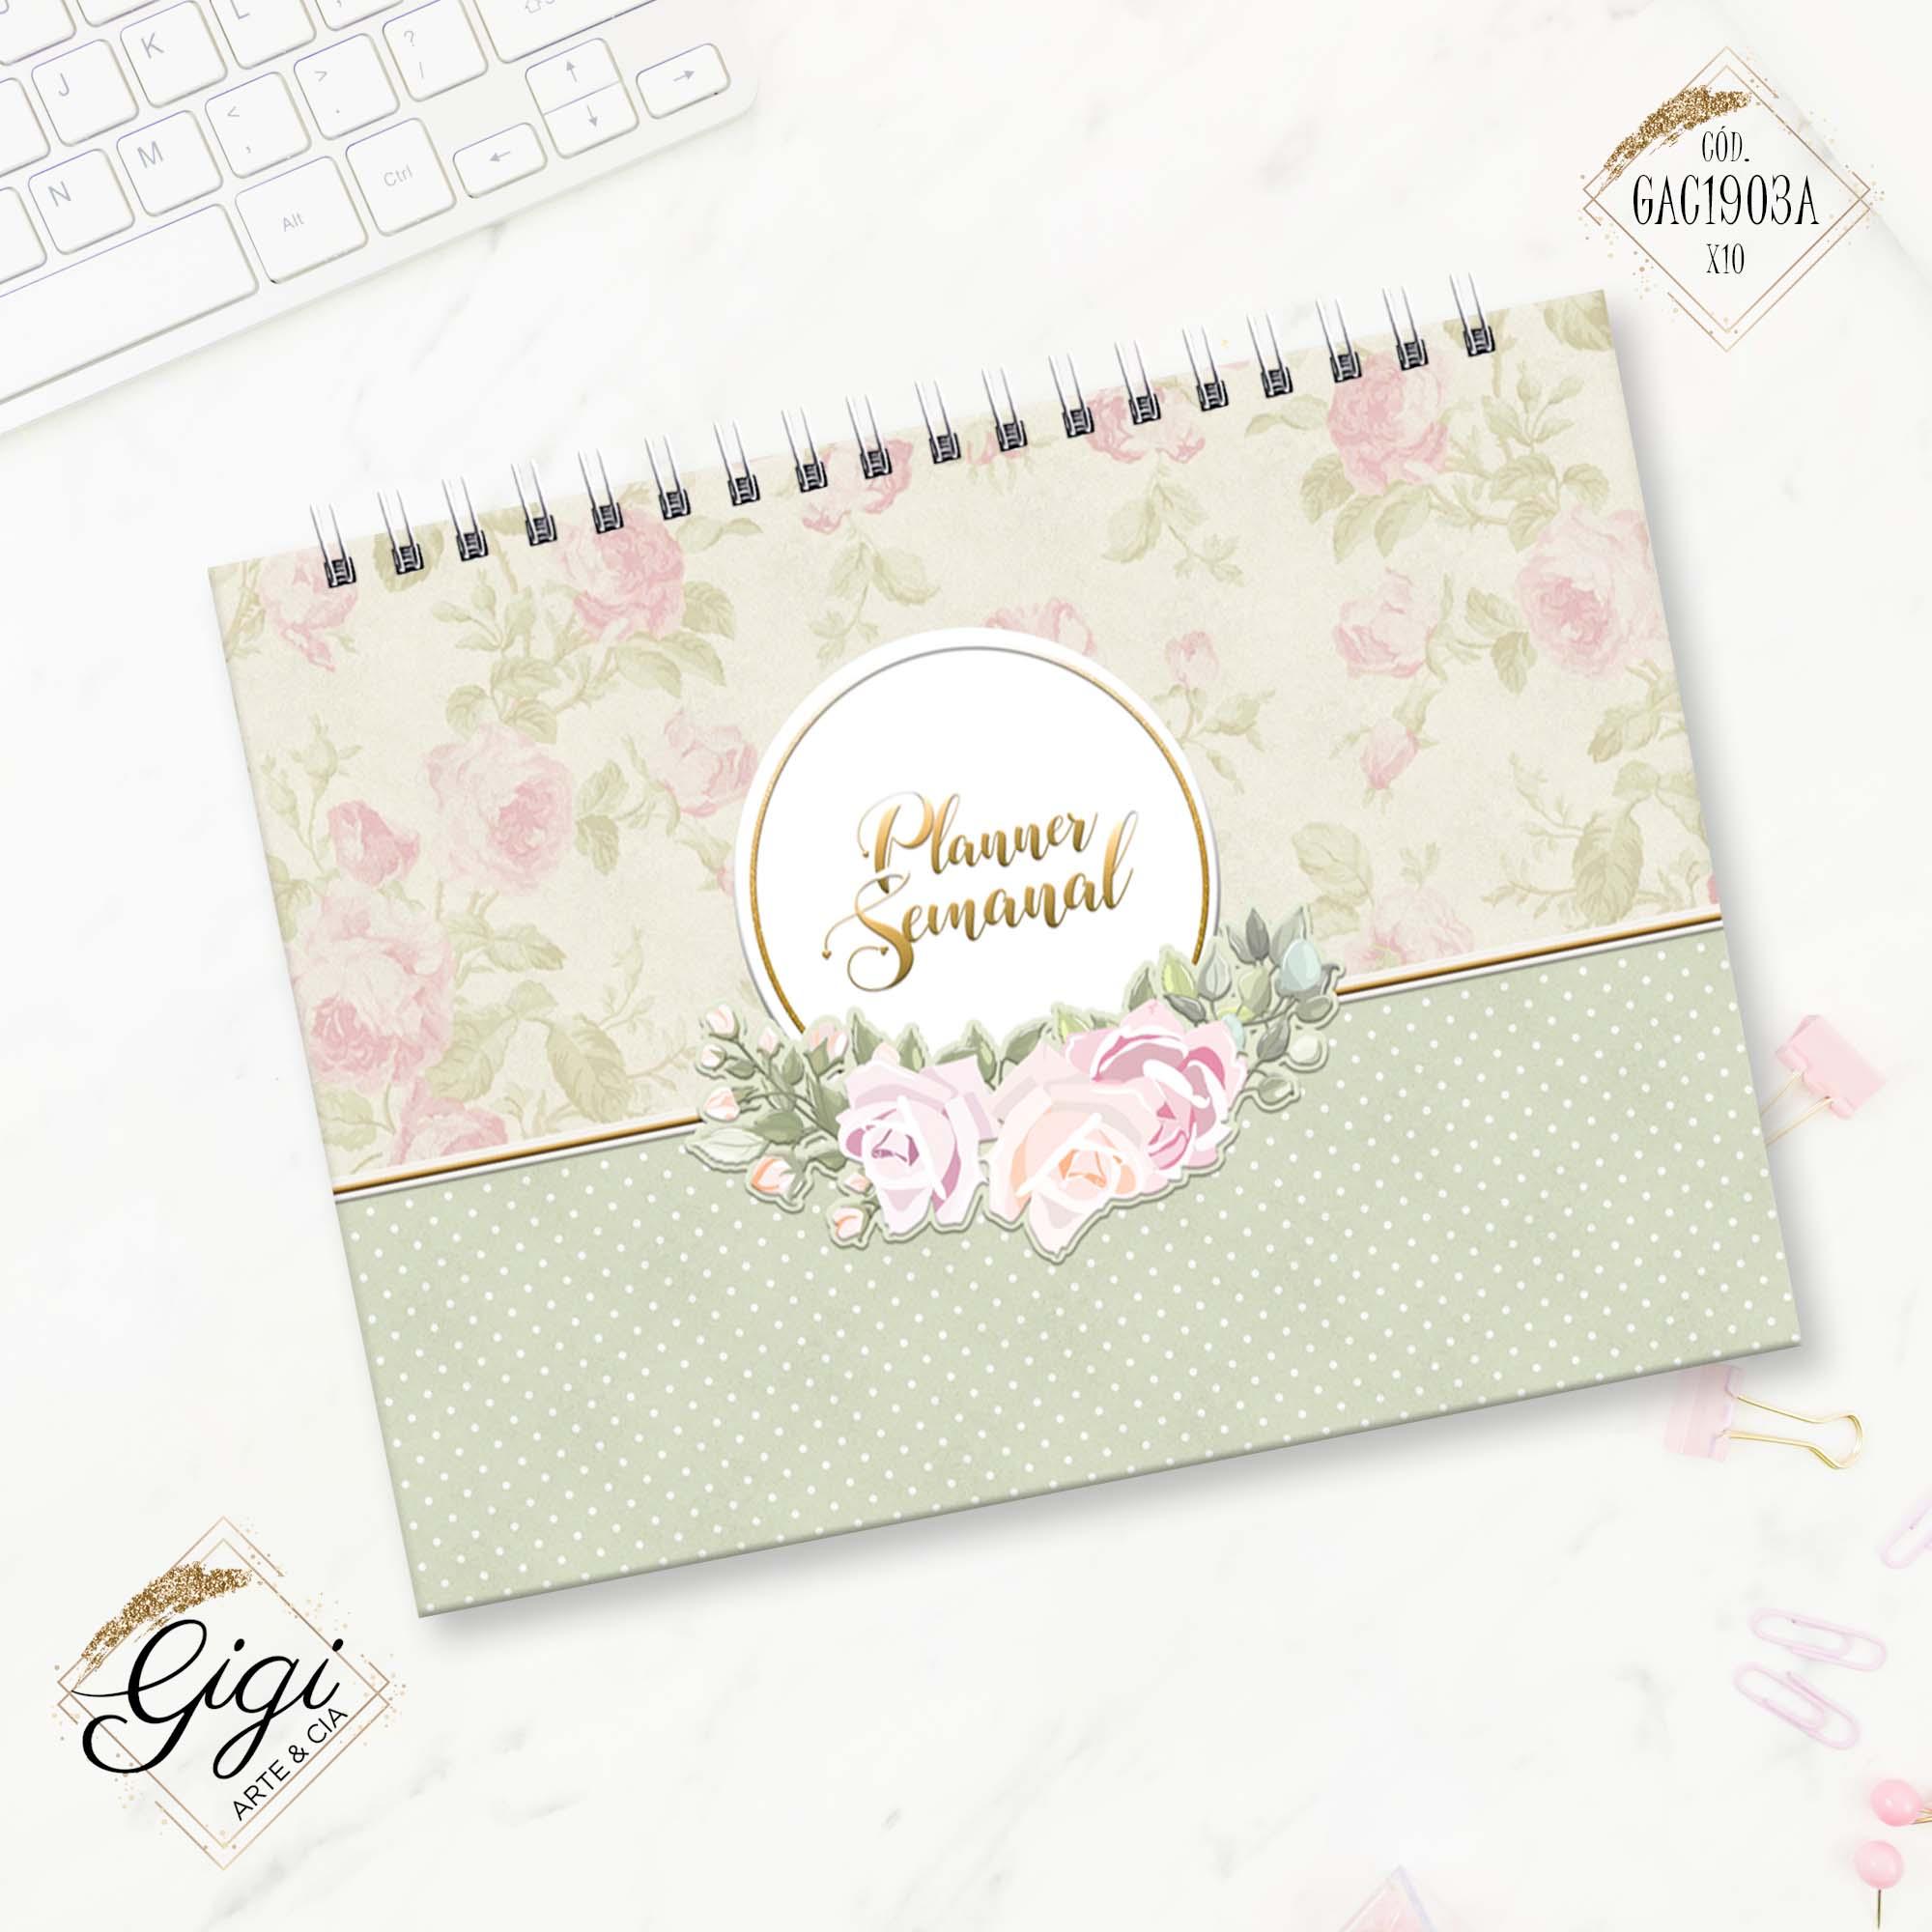 Planejamento Semanal - Romântica  - Gigi Arte e Cia